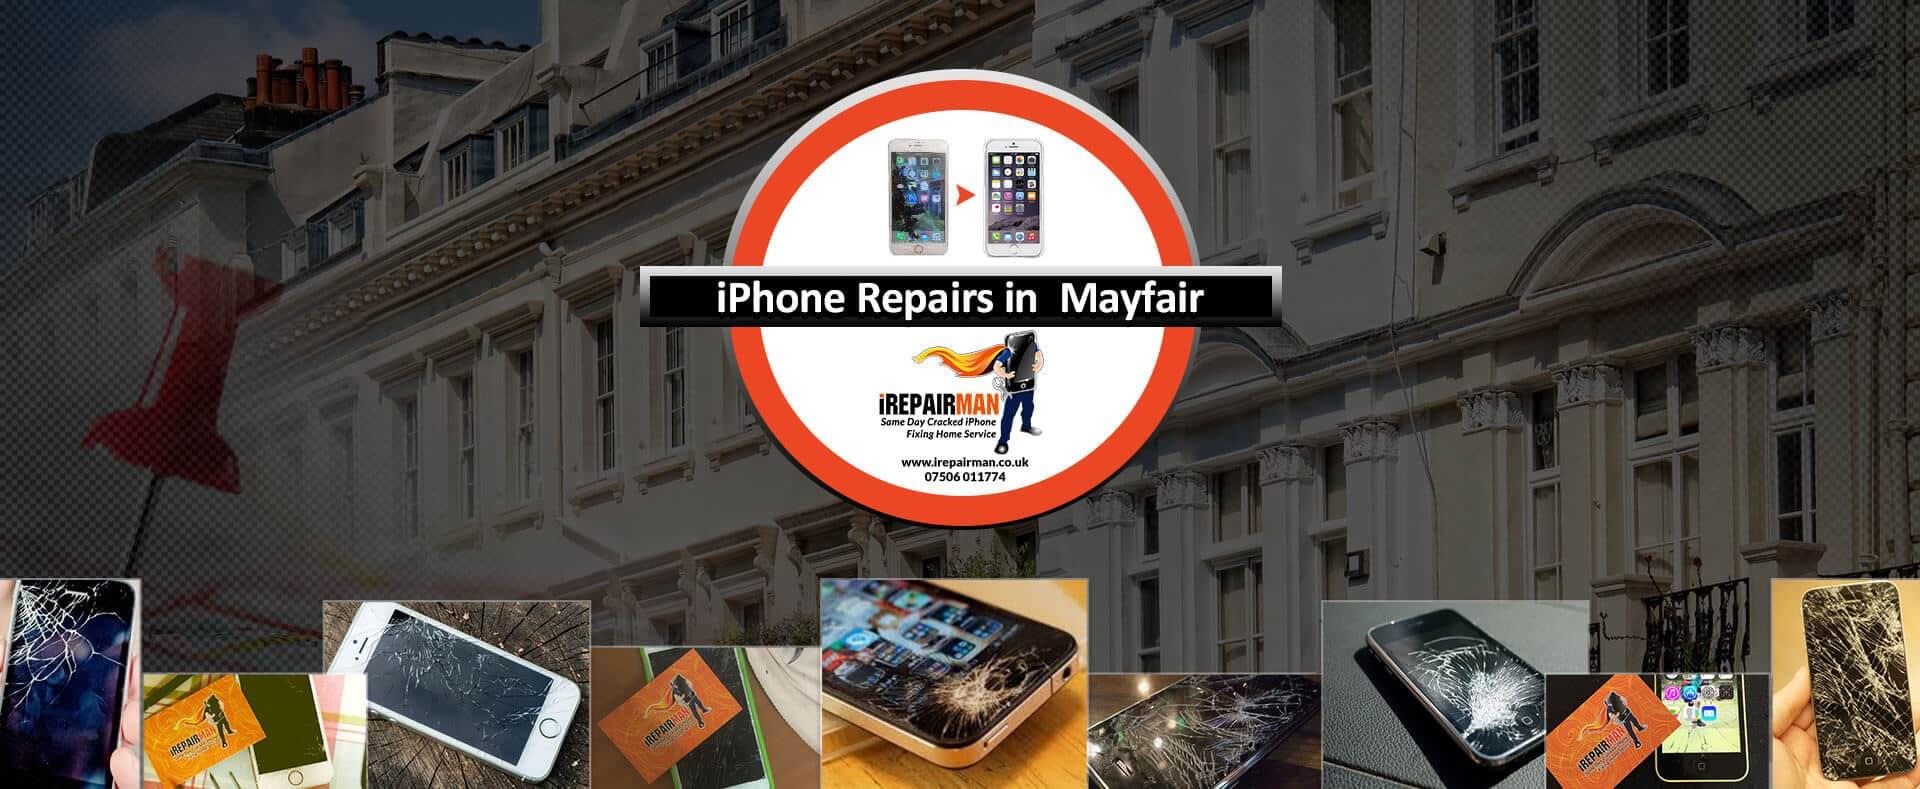 iPhone Repairs in Mayfair